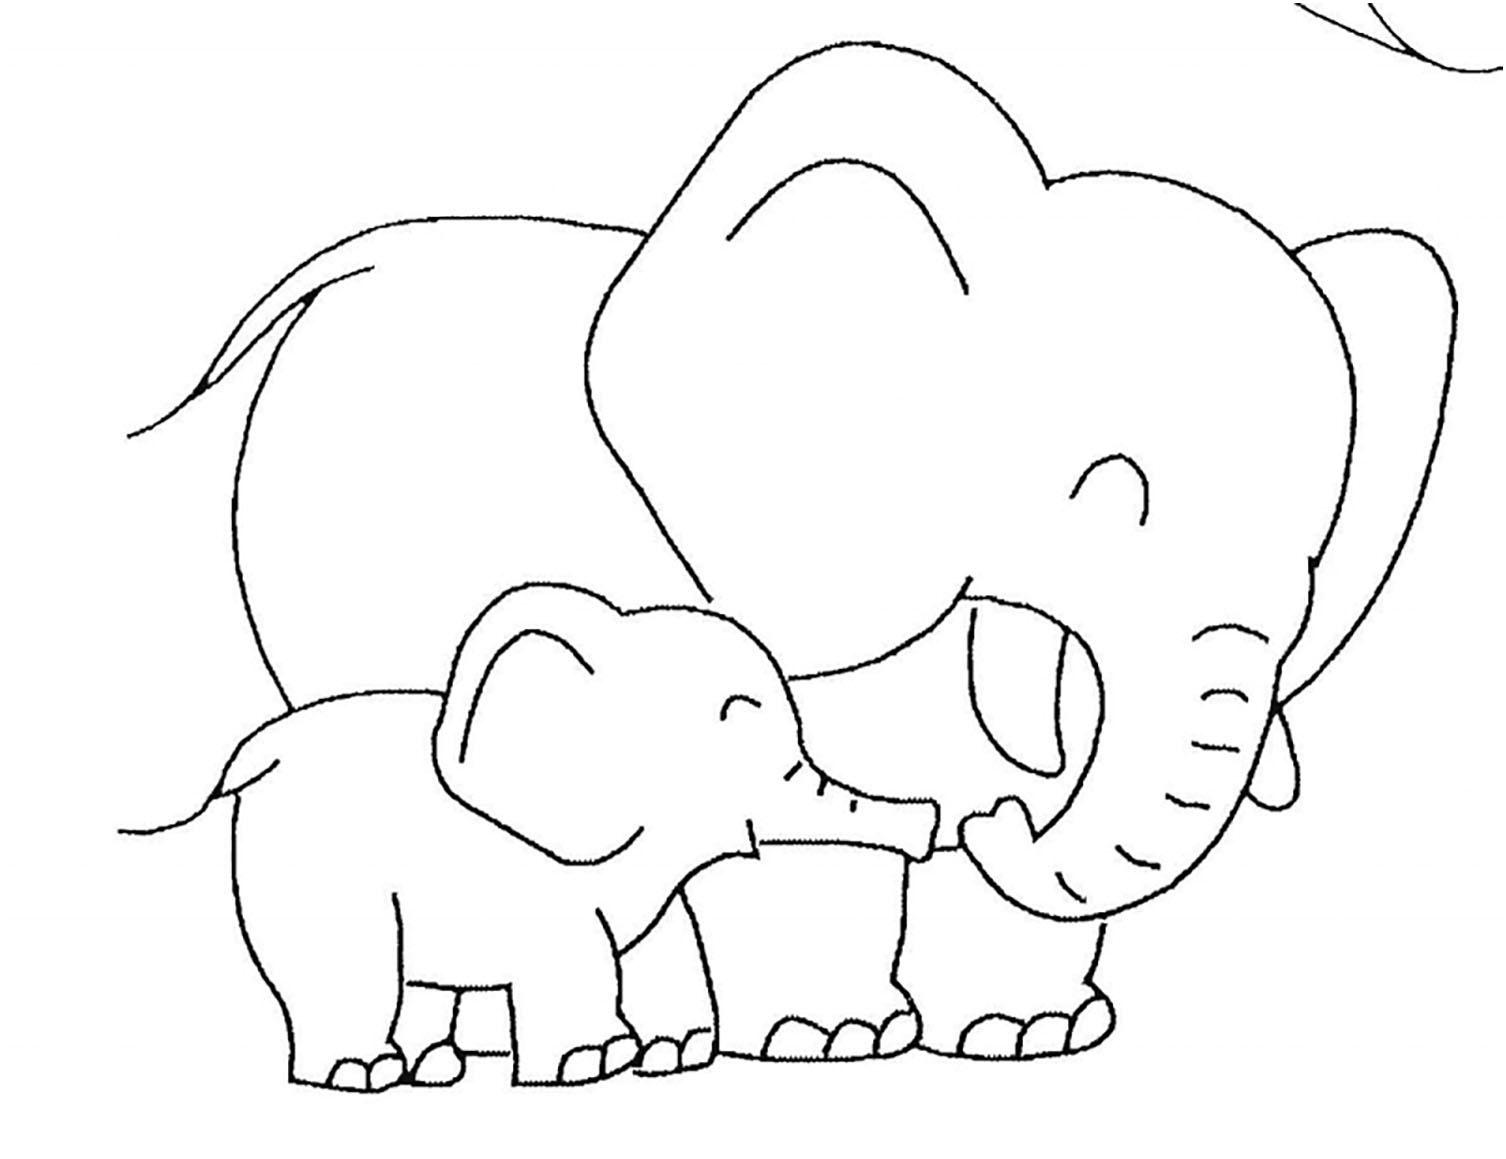 Tranh tô màu voi mẹ vui vẻ bên voi con